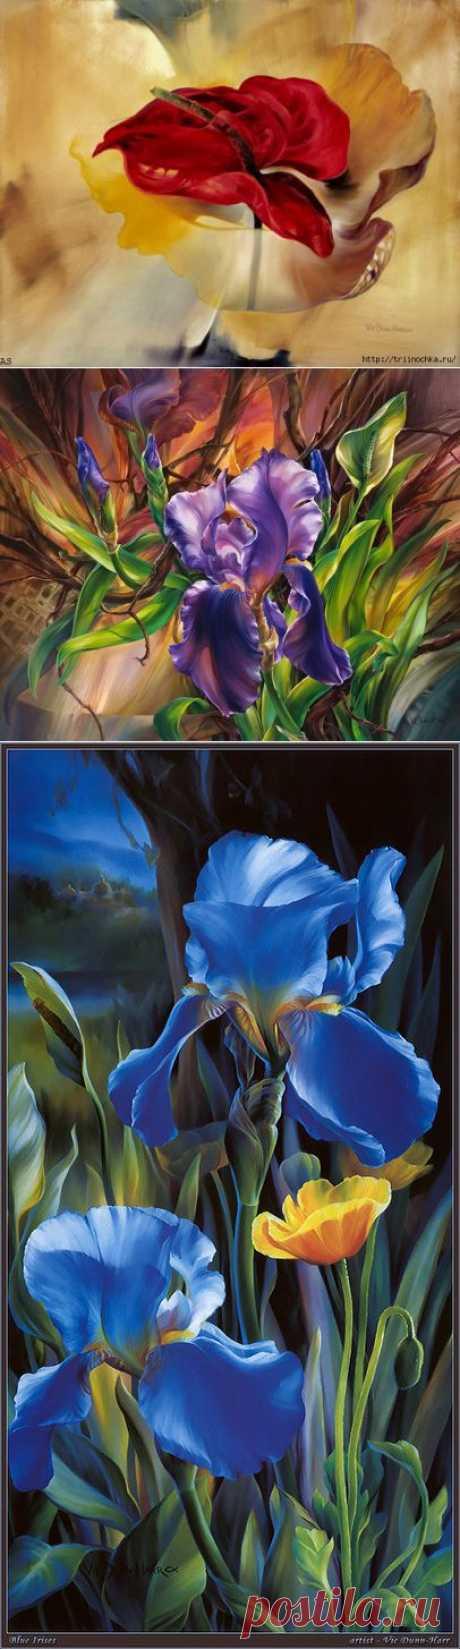 Vie Dunn-Harr. Между цветком и женщиной есть много общего – они очень нежные создания.